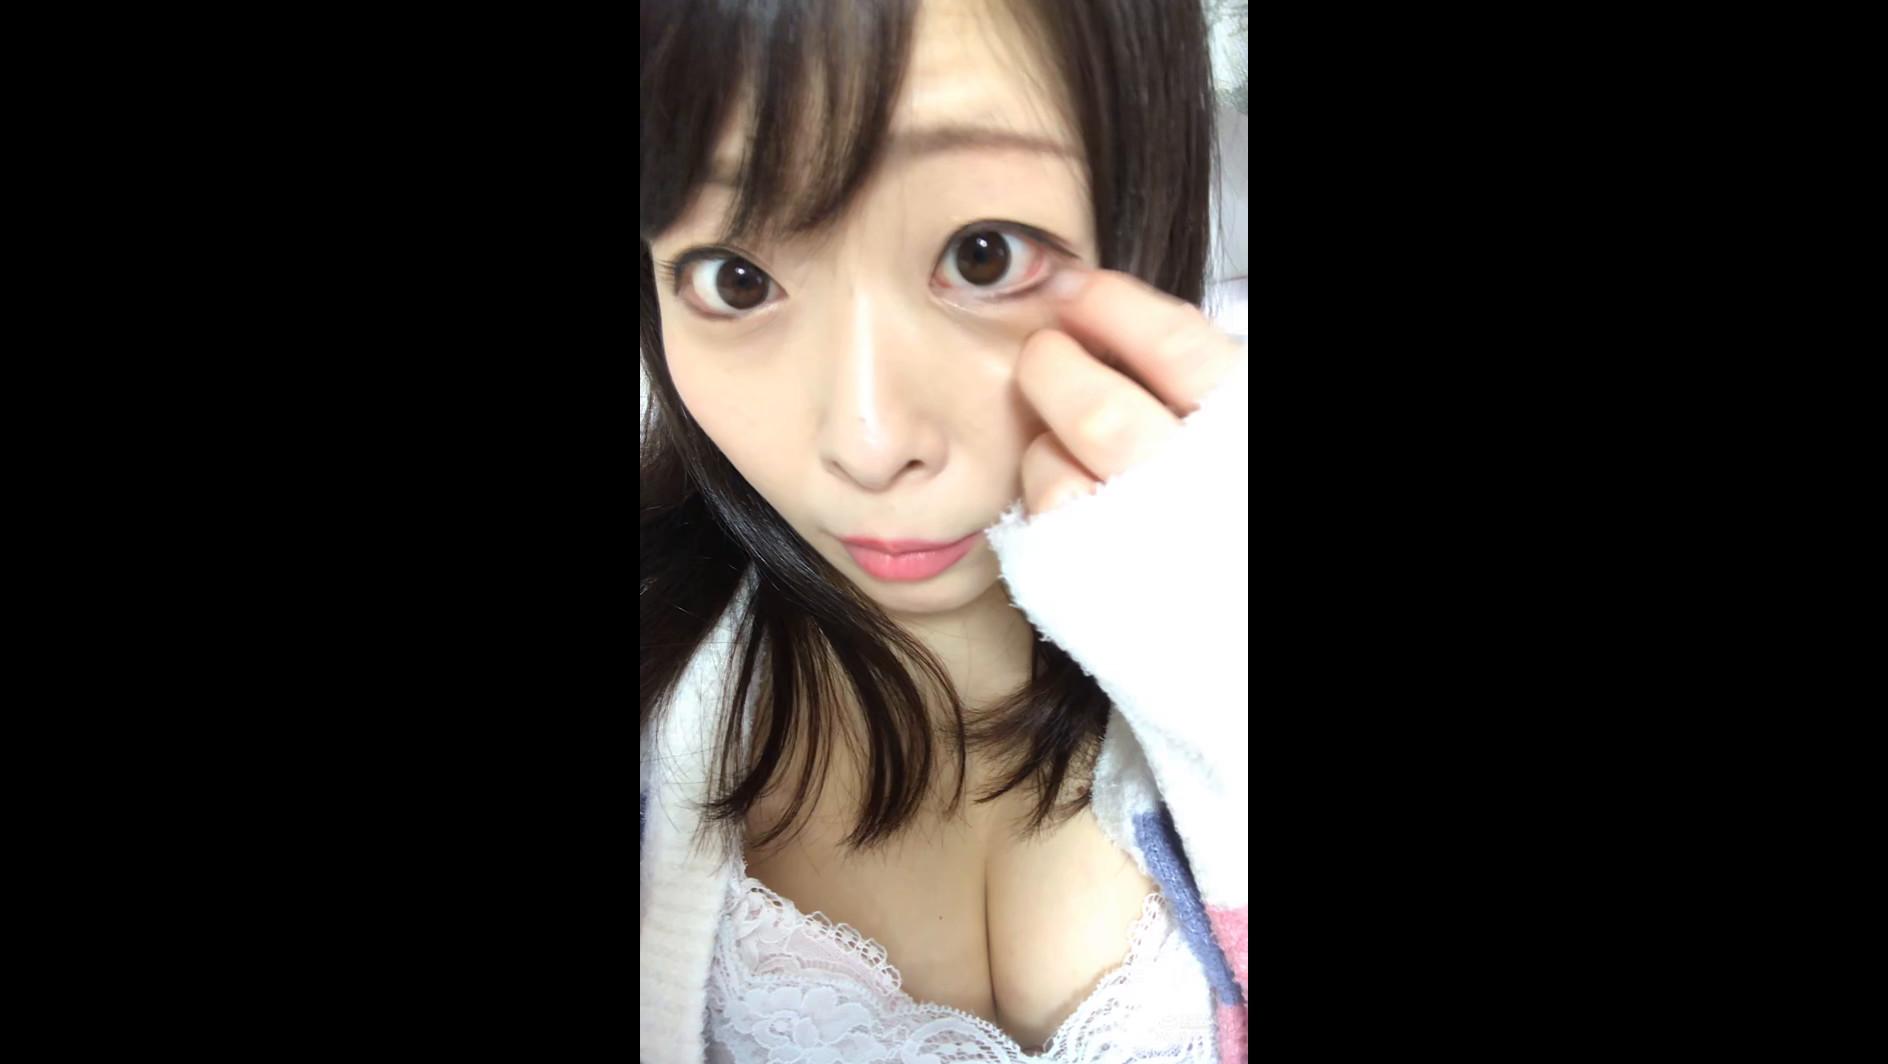 ビデオ通話エッチ JOIみおり 【縦動画】 画像2